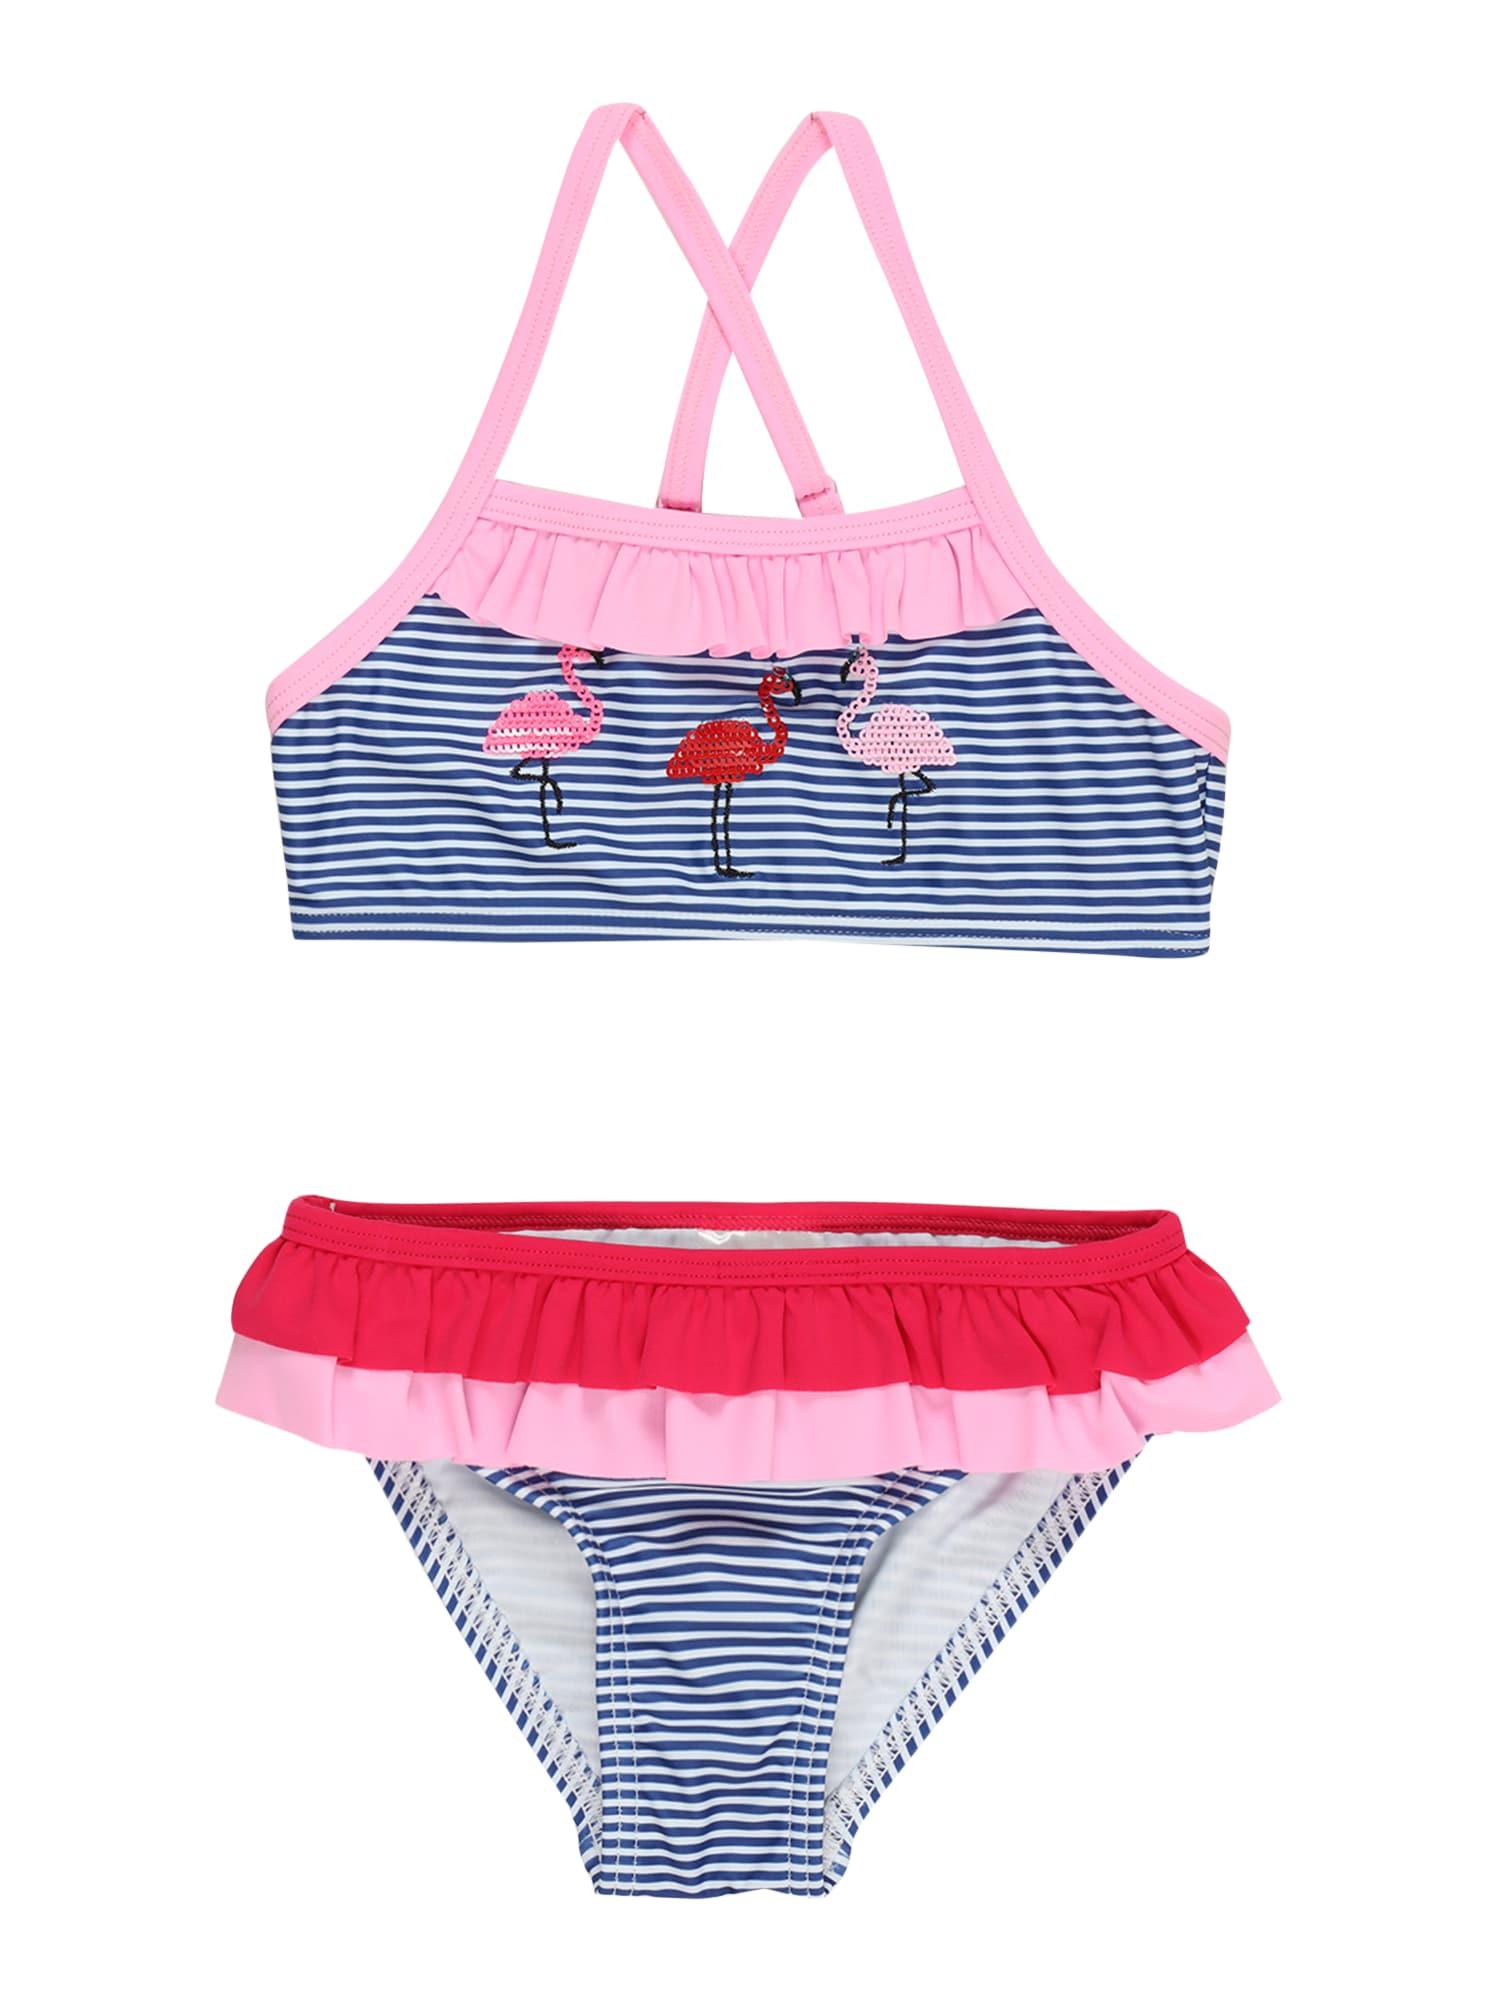 STACCATO Bikinis tamsiai mėlyna / rožių spalva / raudona / balta